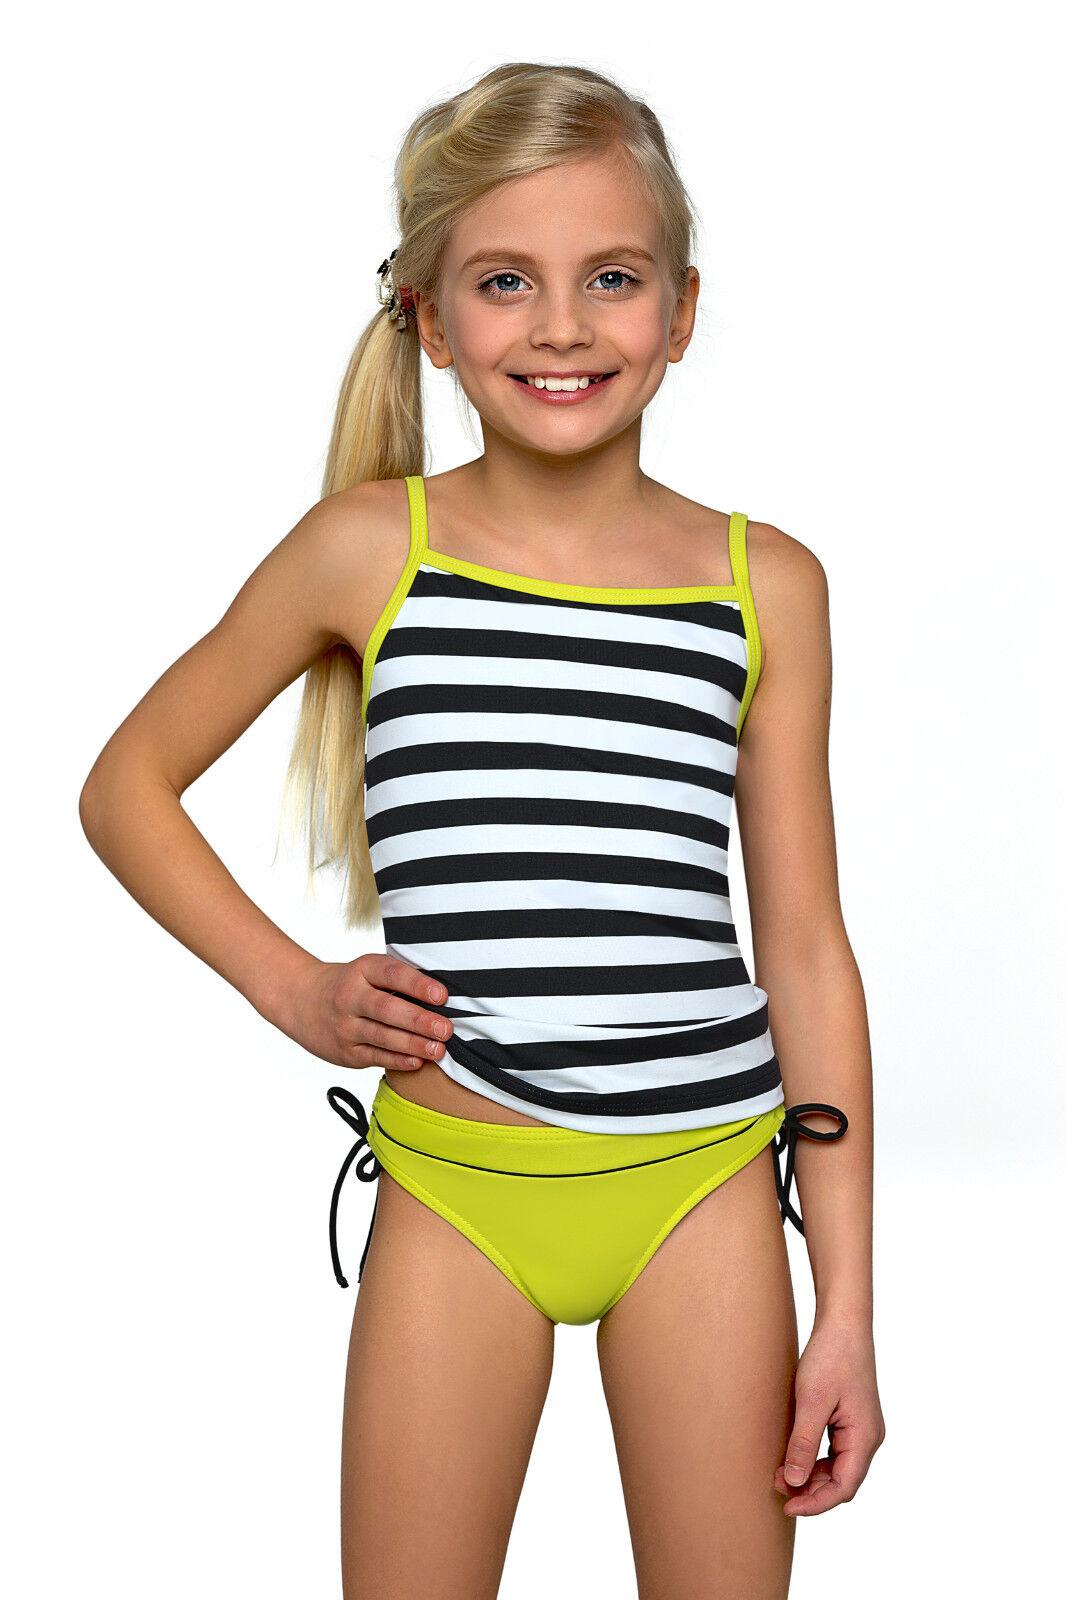 Bikini girl age swimwear